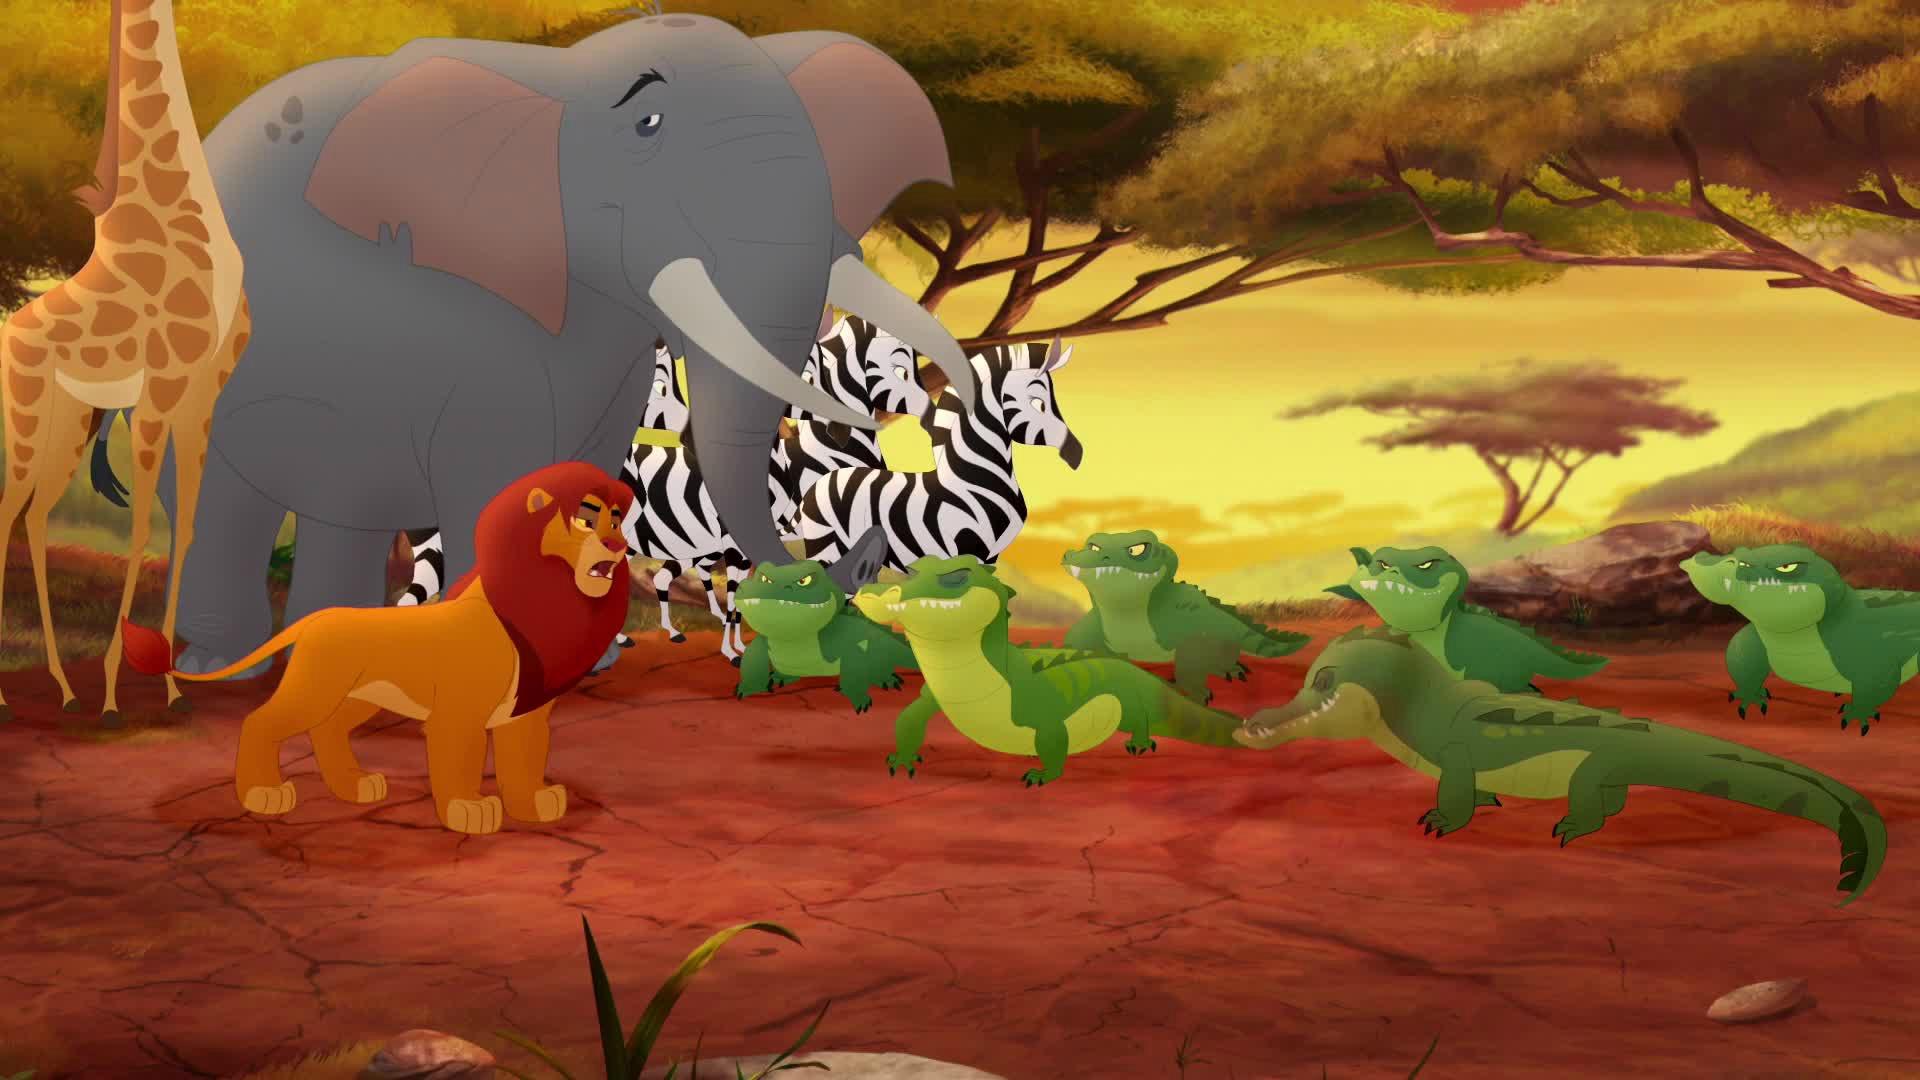 The Lion Guard Images The Lion Guard Hd Wallpaper And - Lion Guard 2 Giraffe Hd , HD Wallpaper & Backgrounds